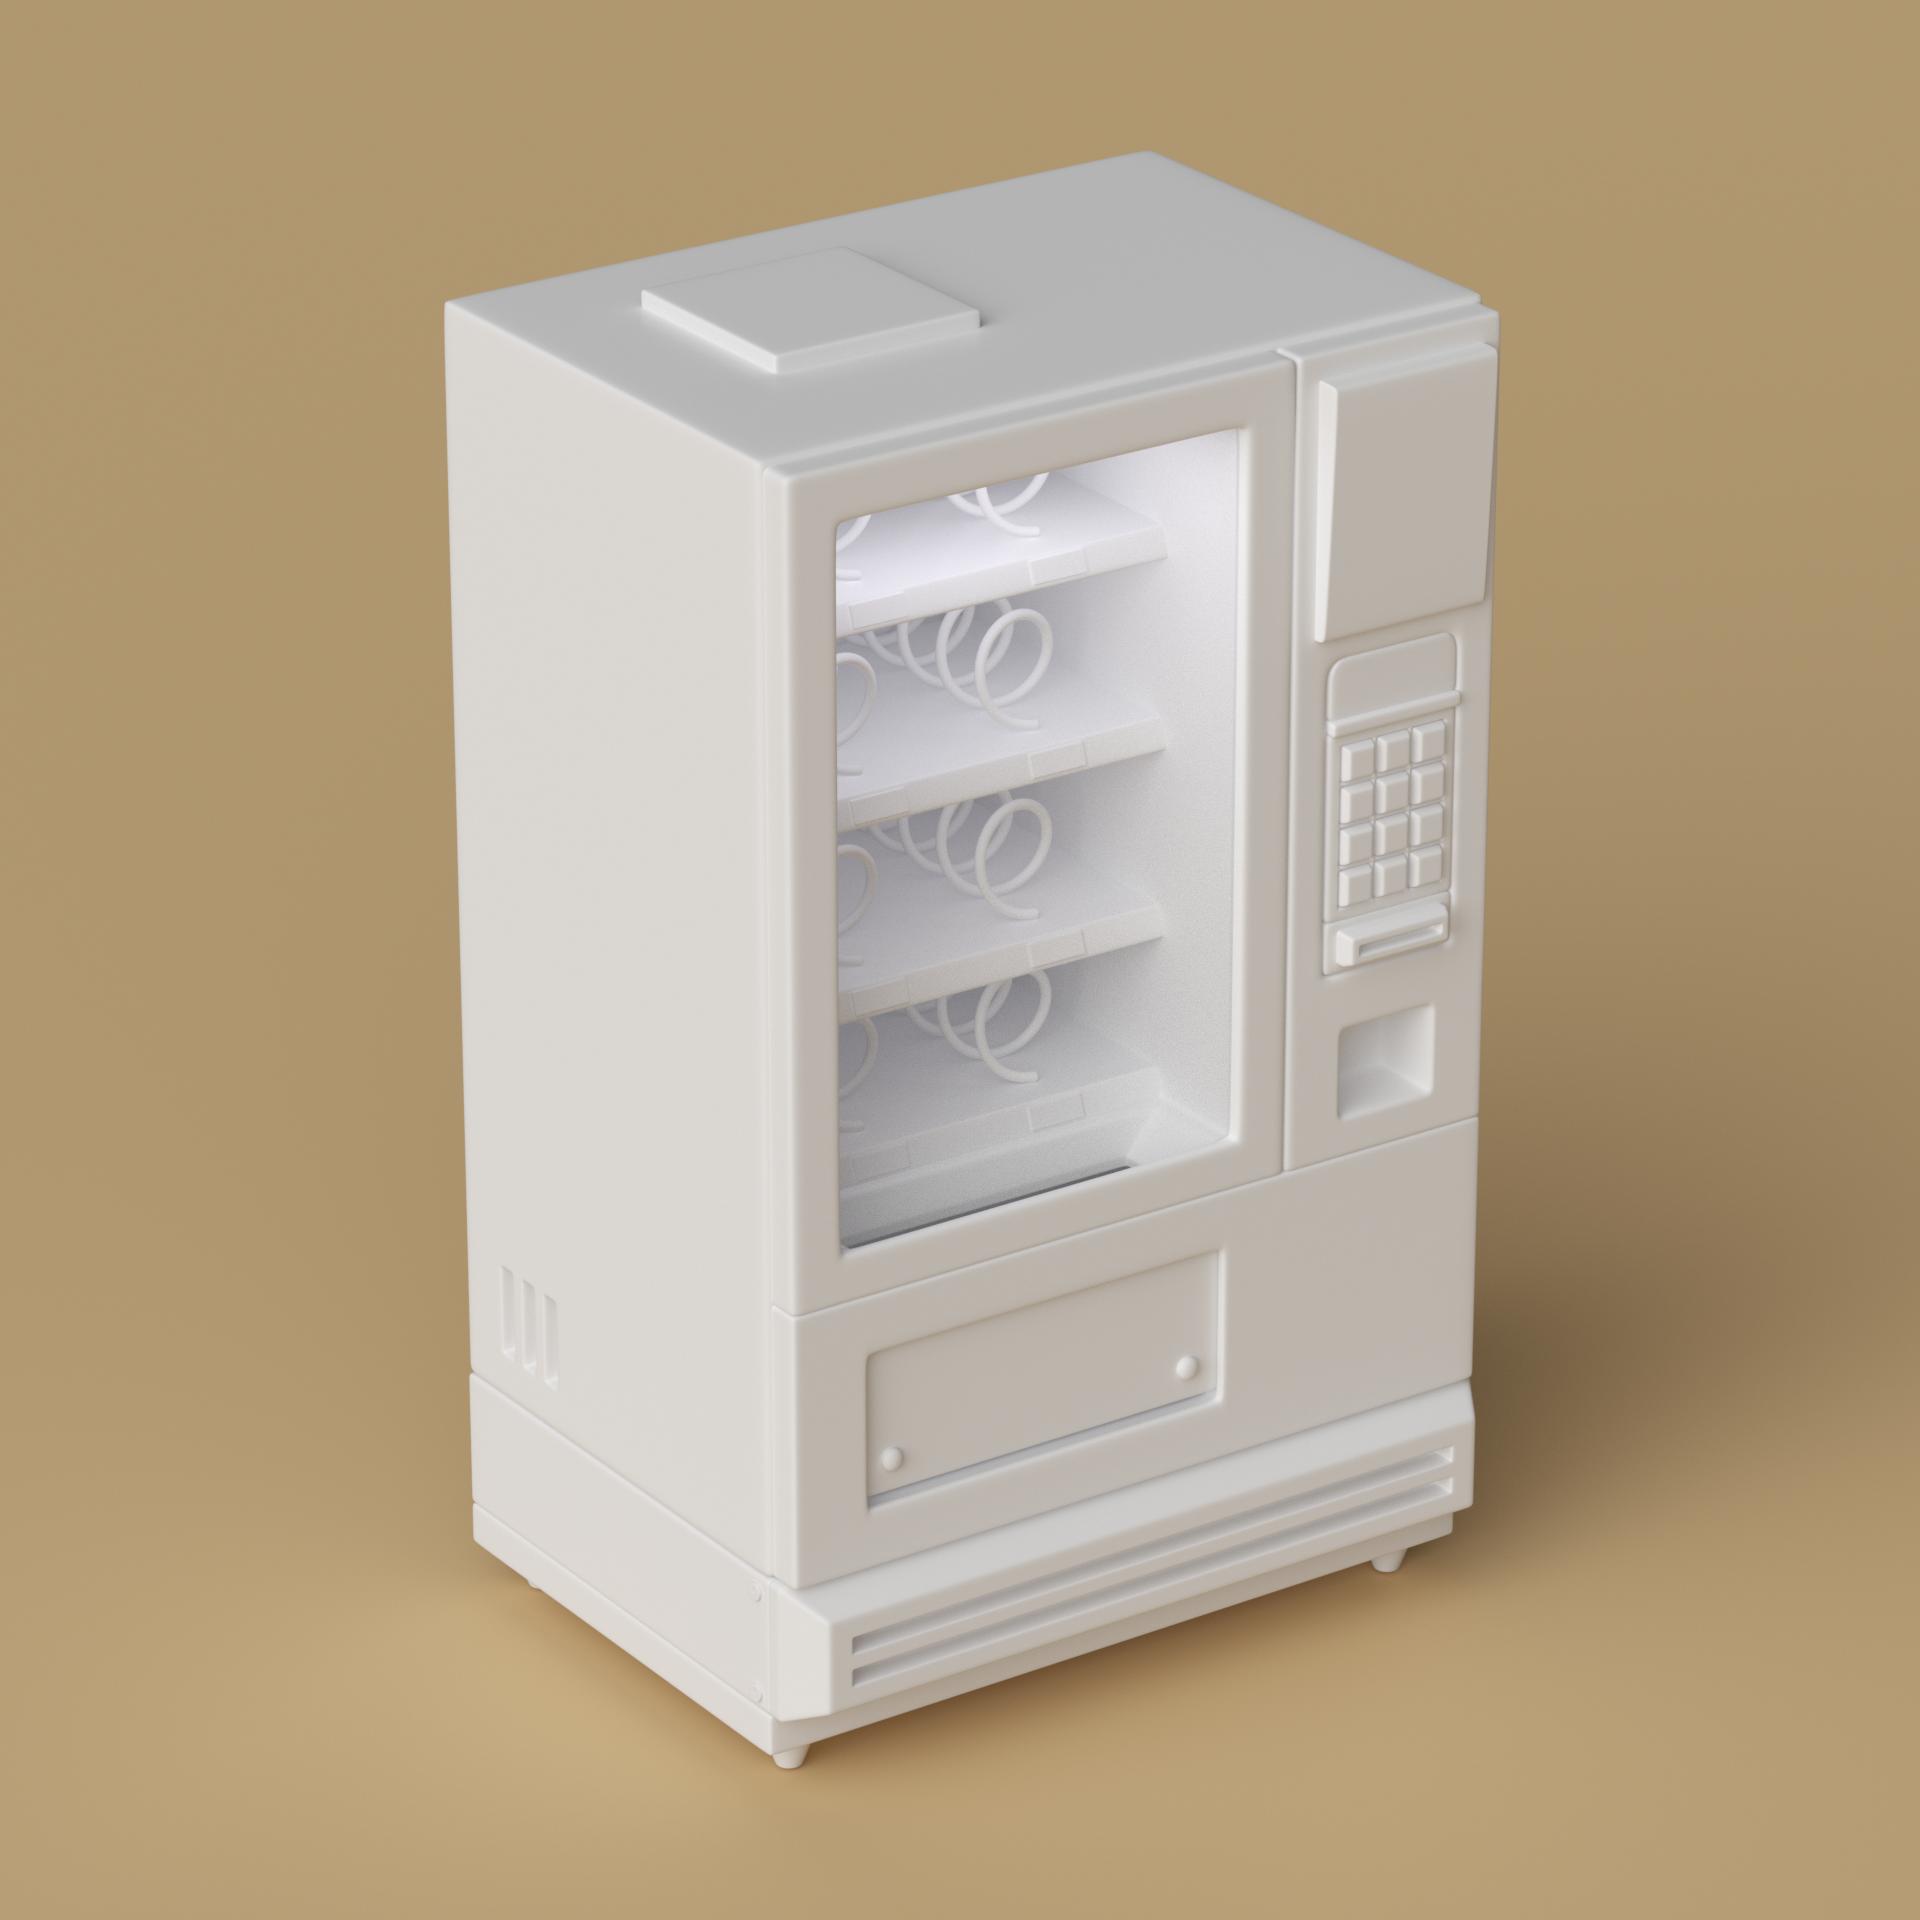 vending_machine.png